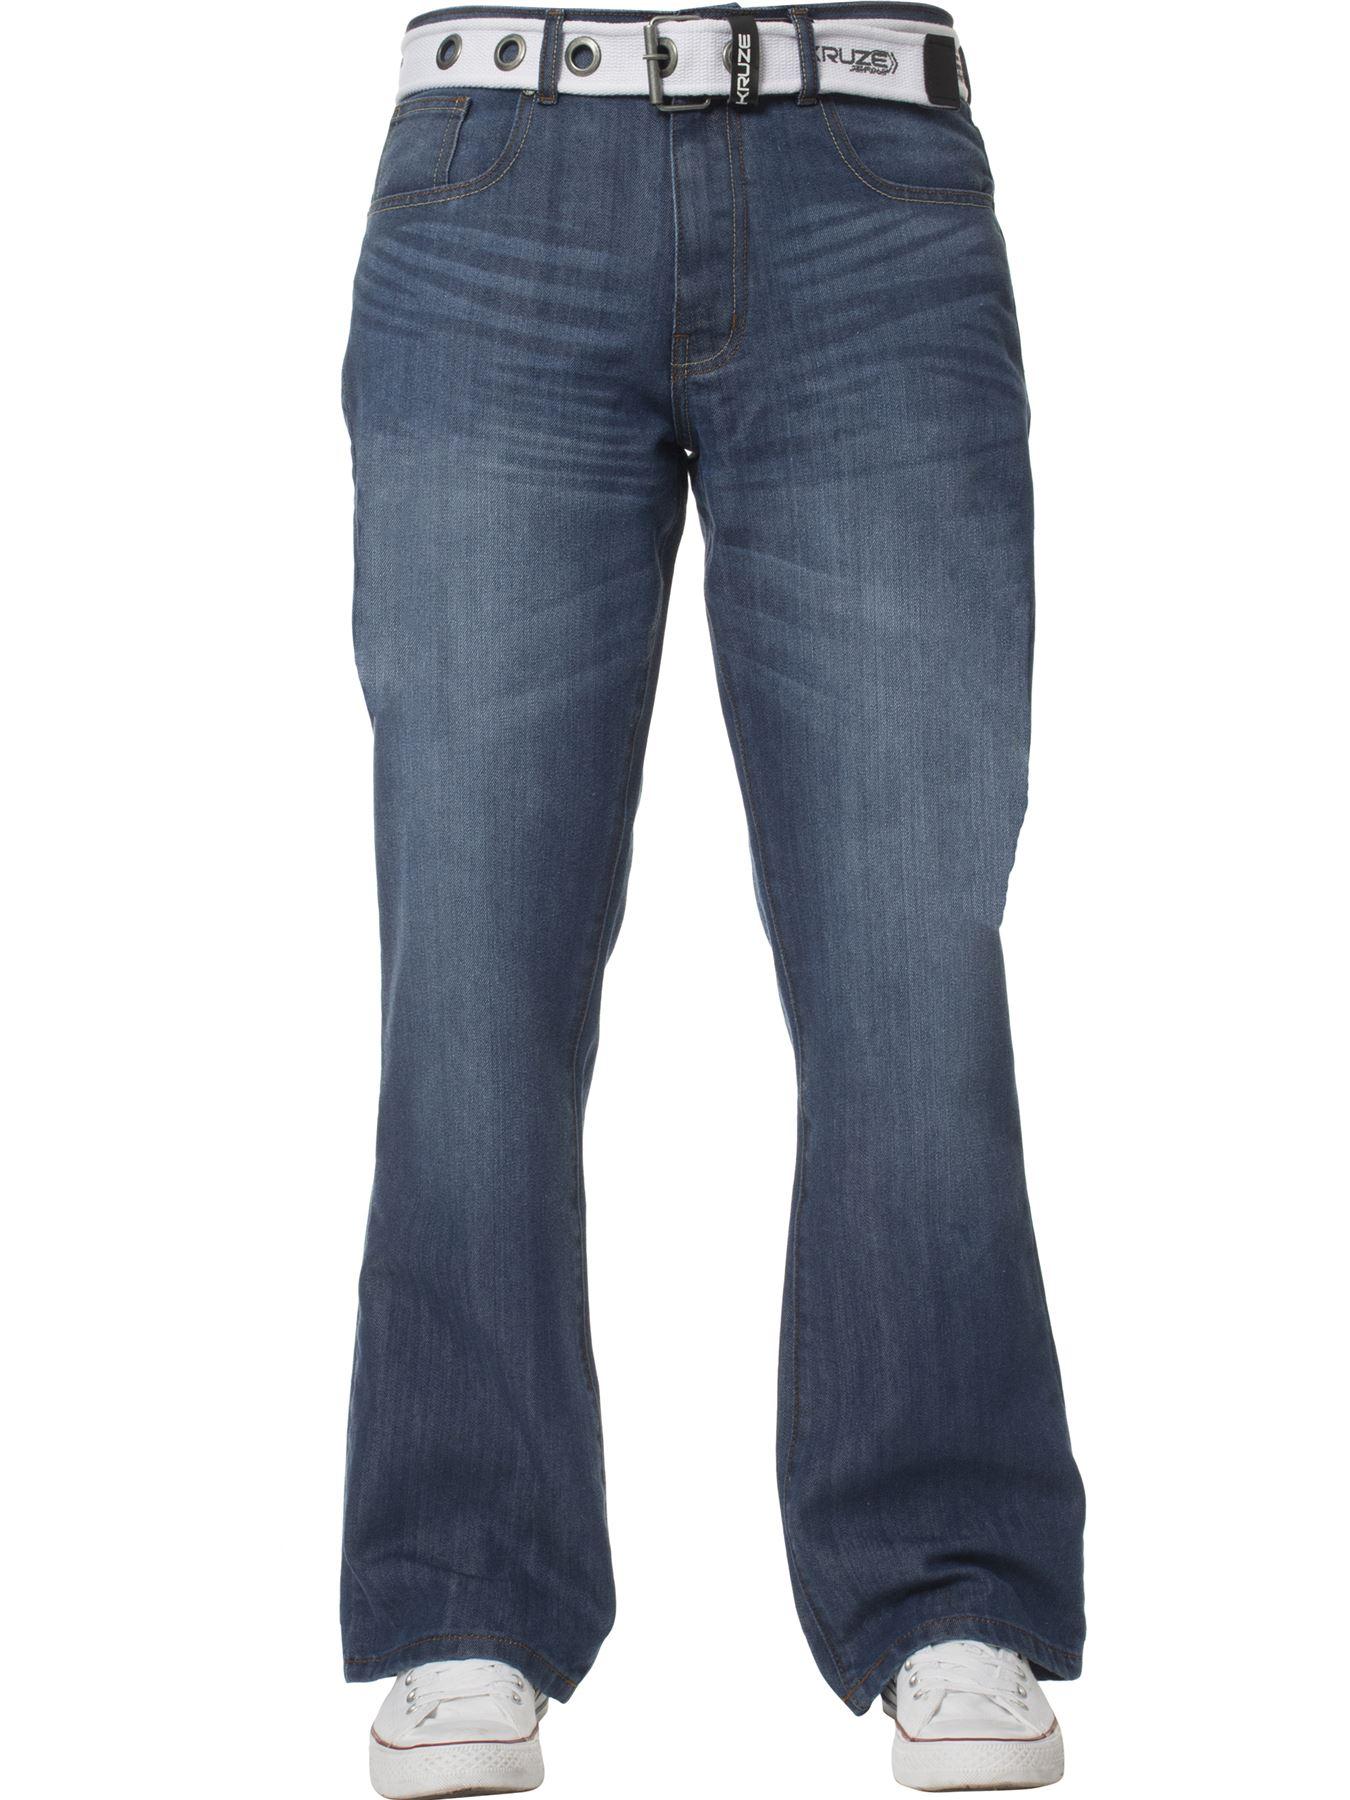 Kruze-Herren-Bootcut-Jeans-Ausgestellt-Weites-Bein-Denim-Hose-Gross-Hoch-Koenig Indexbild 6